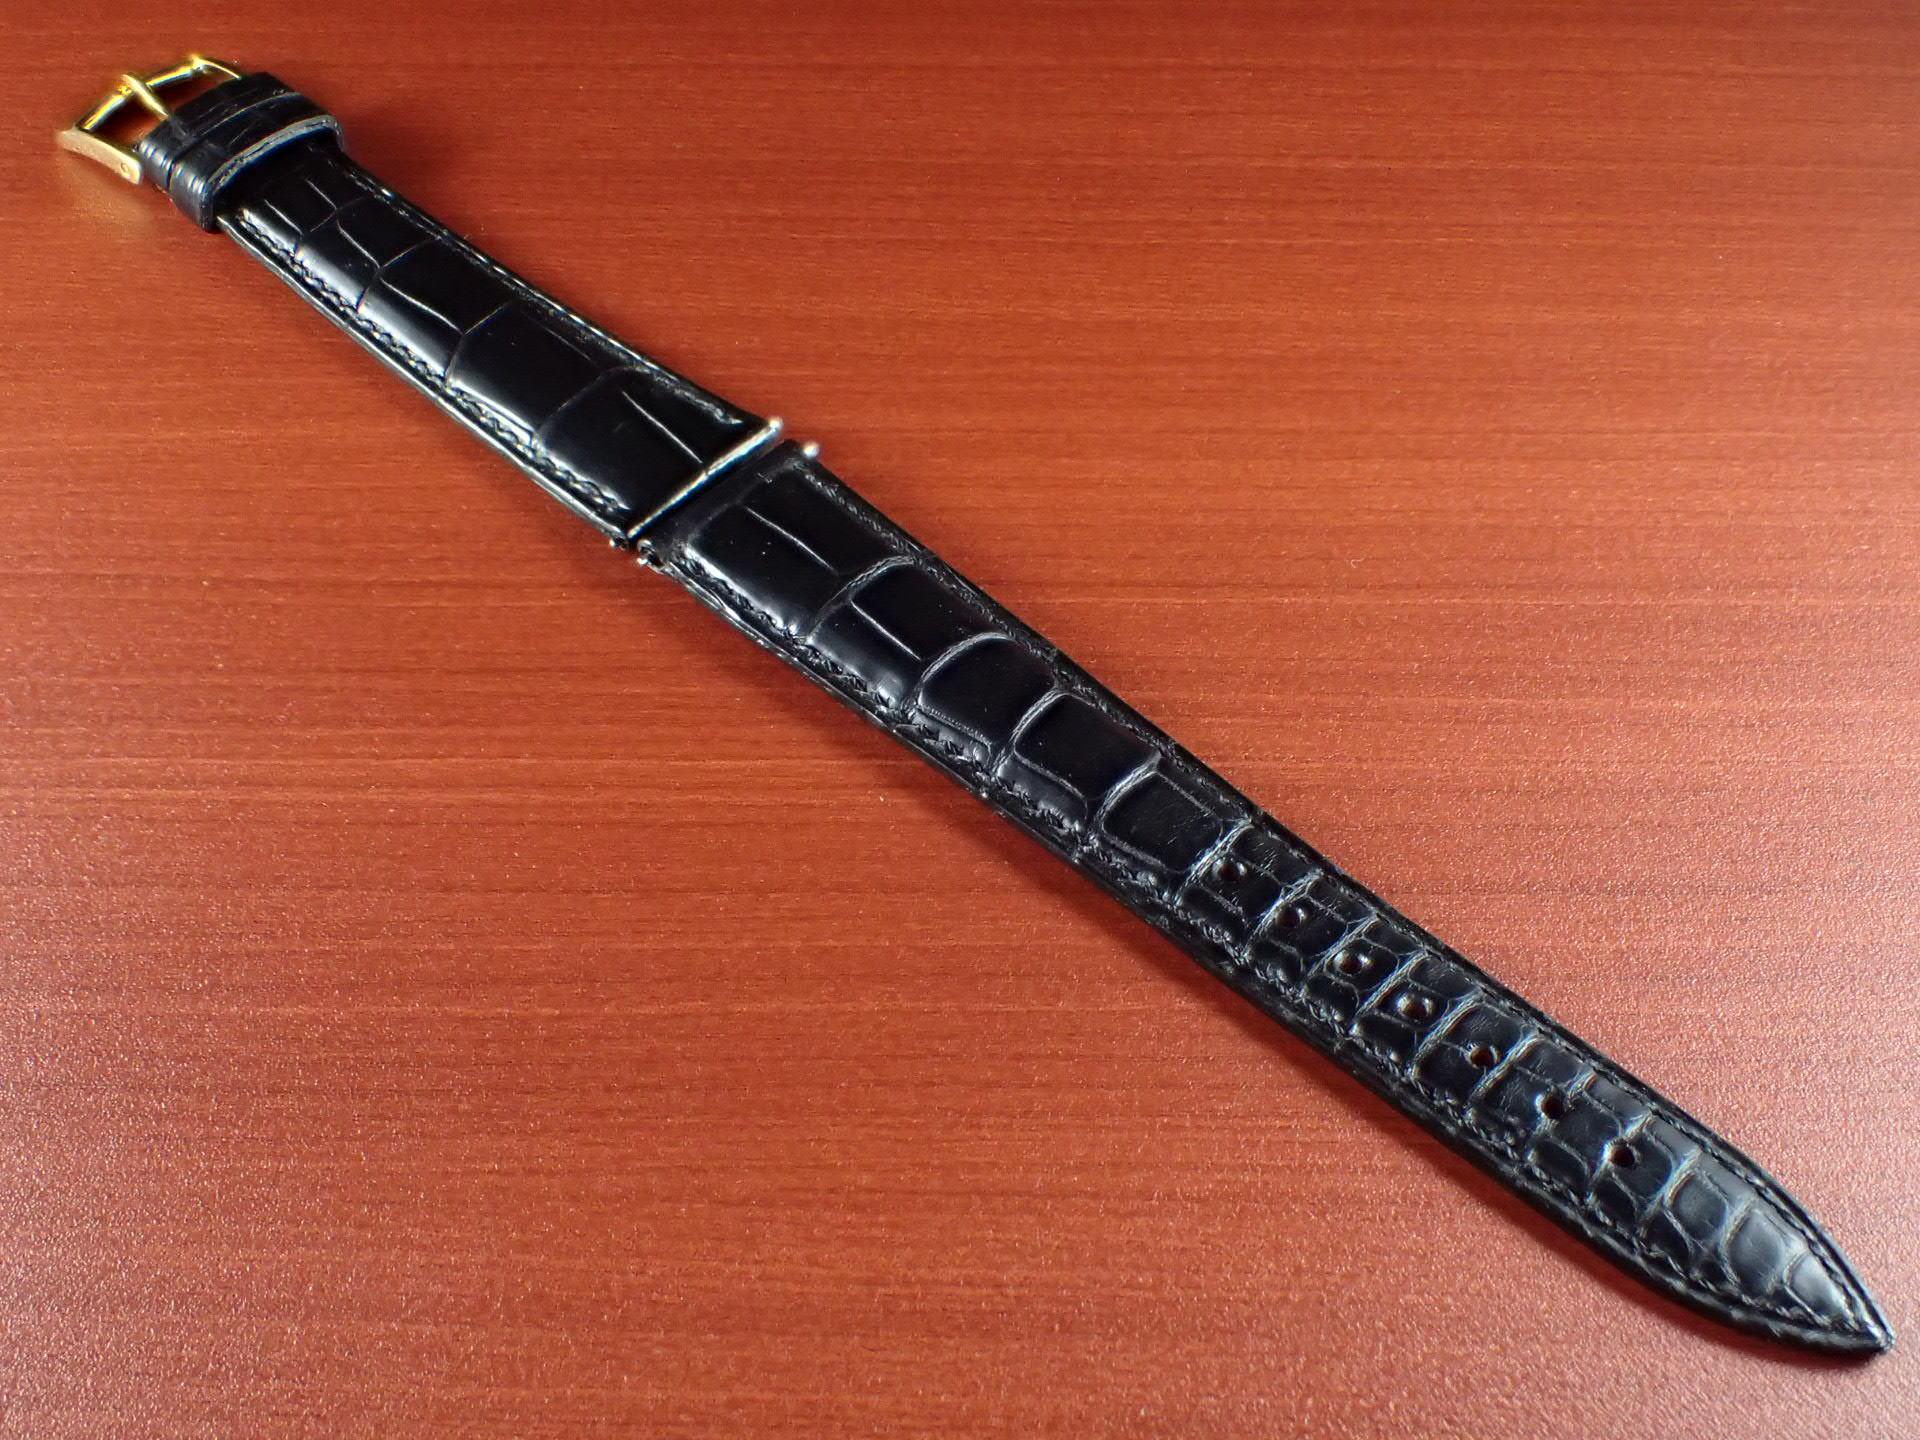 ジャン・クロード ペラン革ベルト(オールドペラン)クロコダイル ブラック 17mm 手縫いのメイン写真